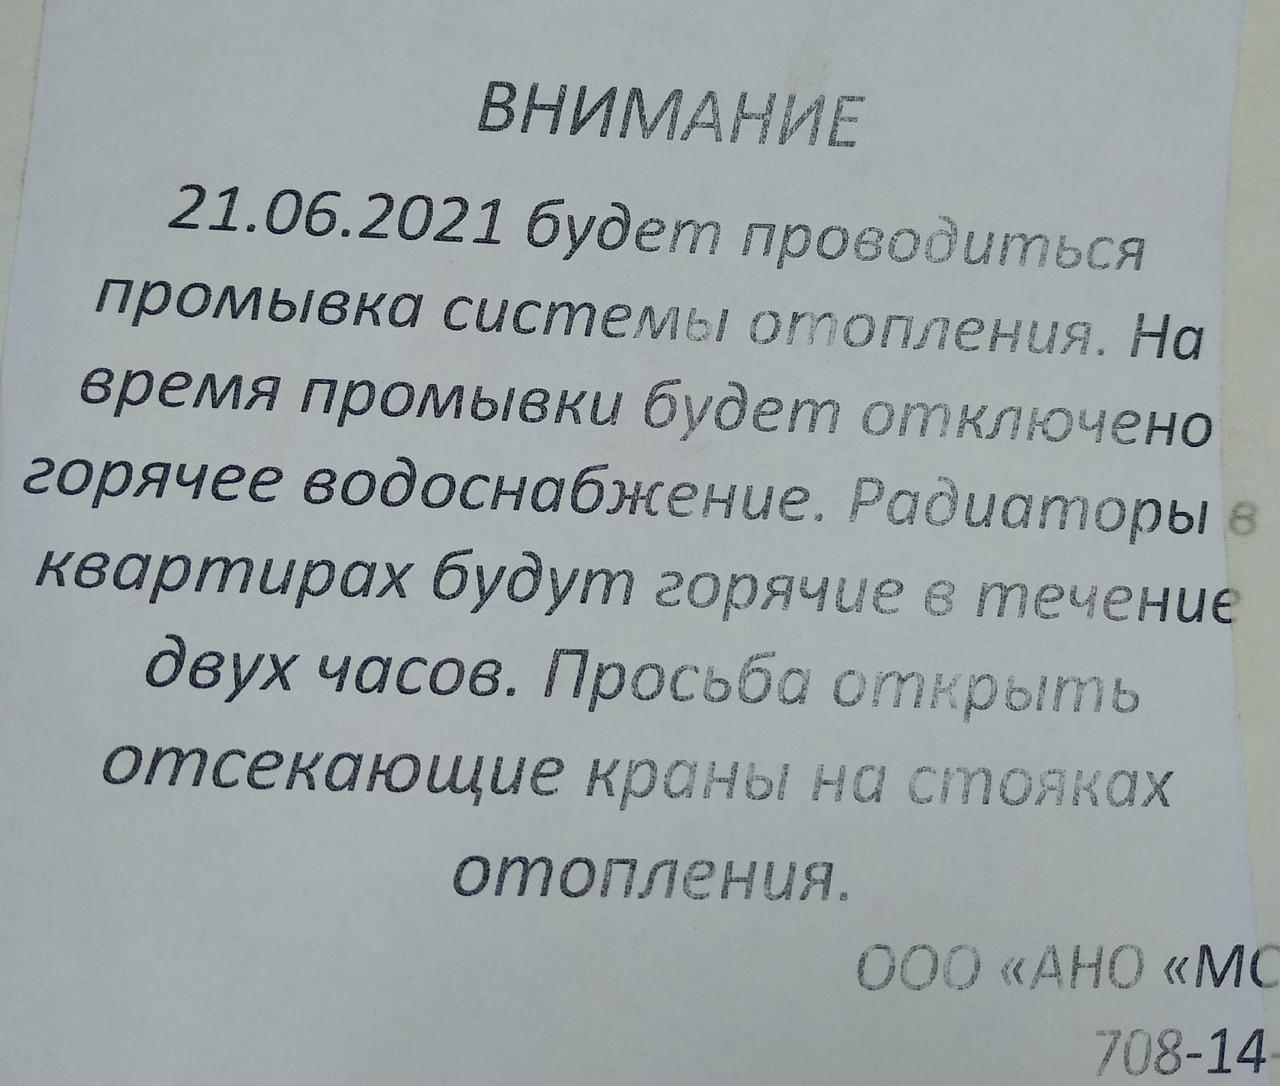 Объявление в Купчино.